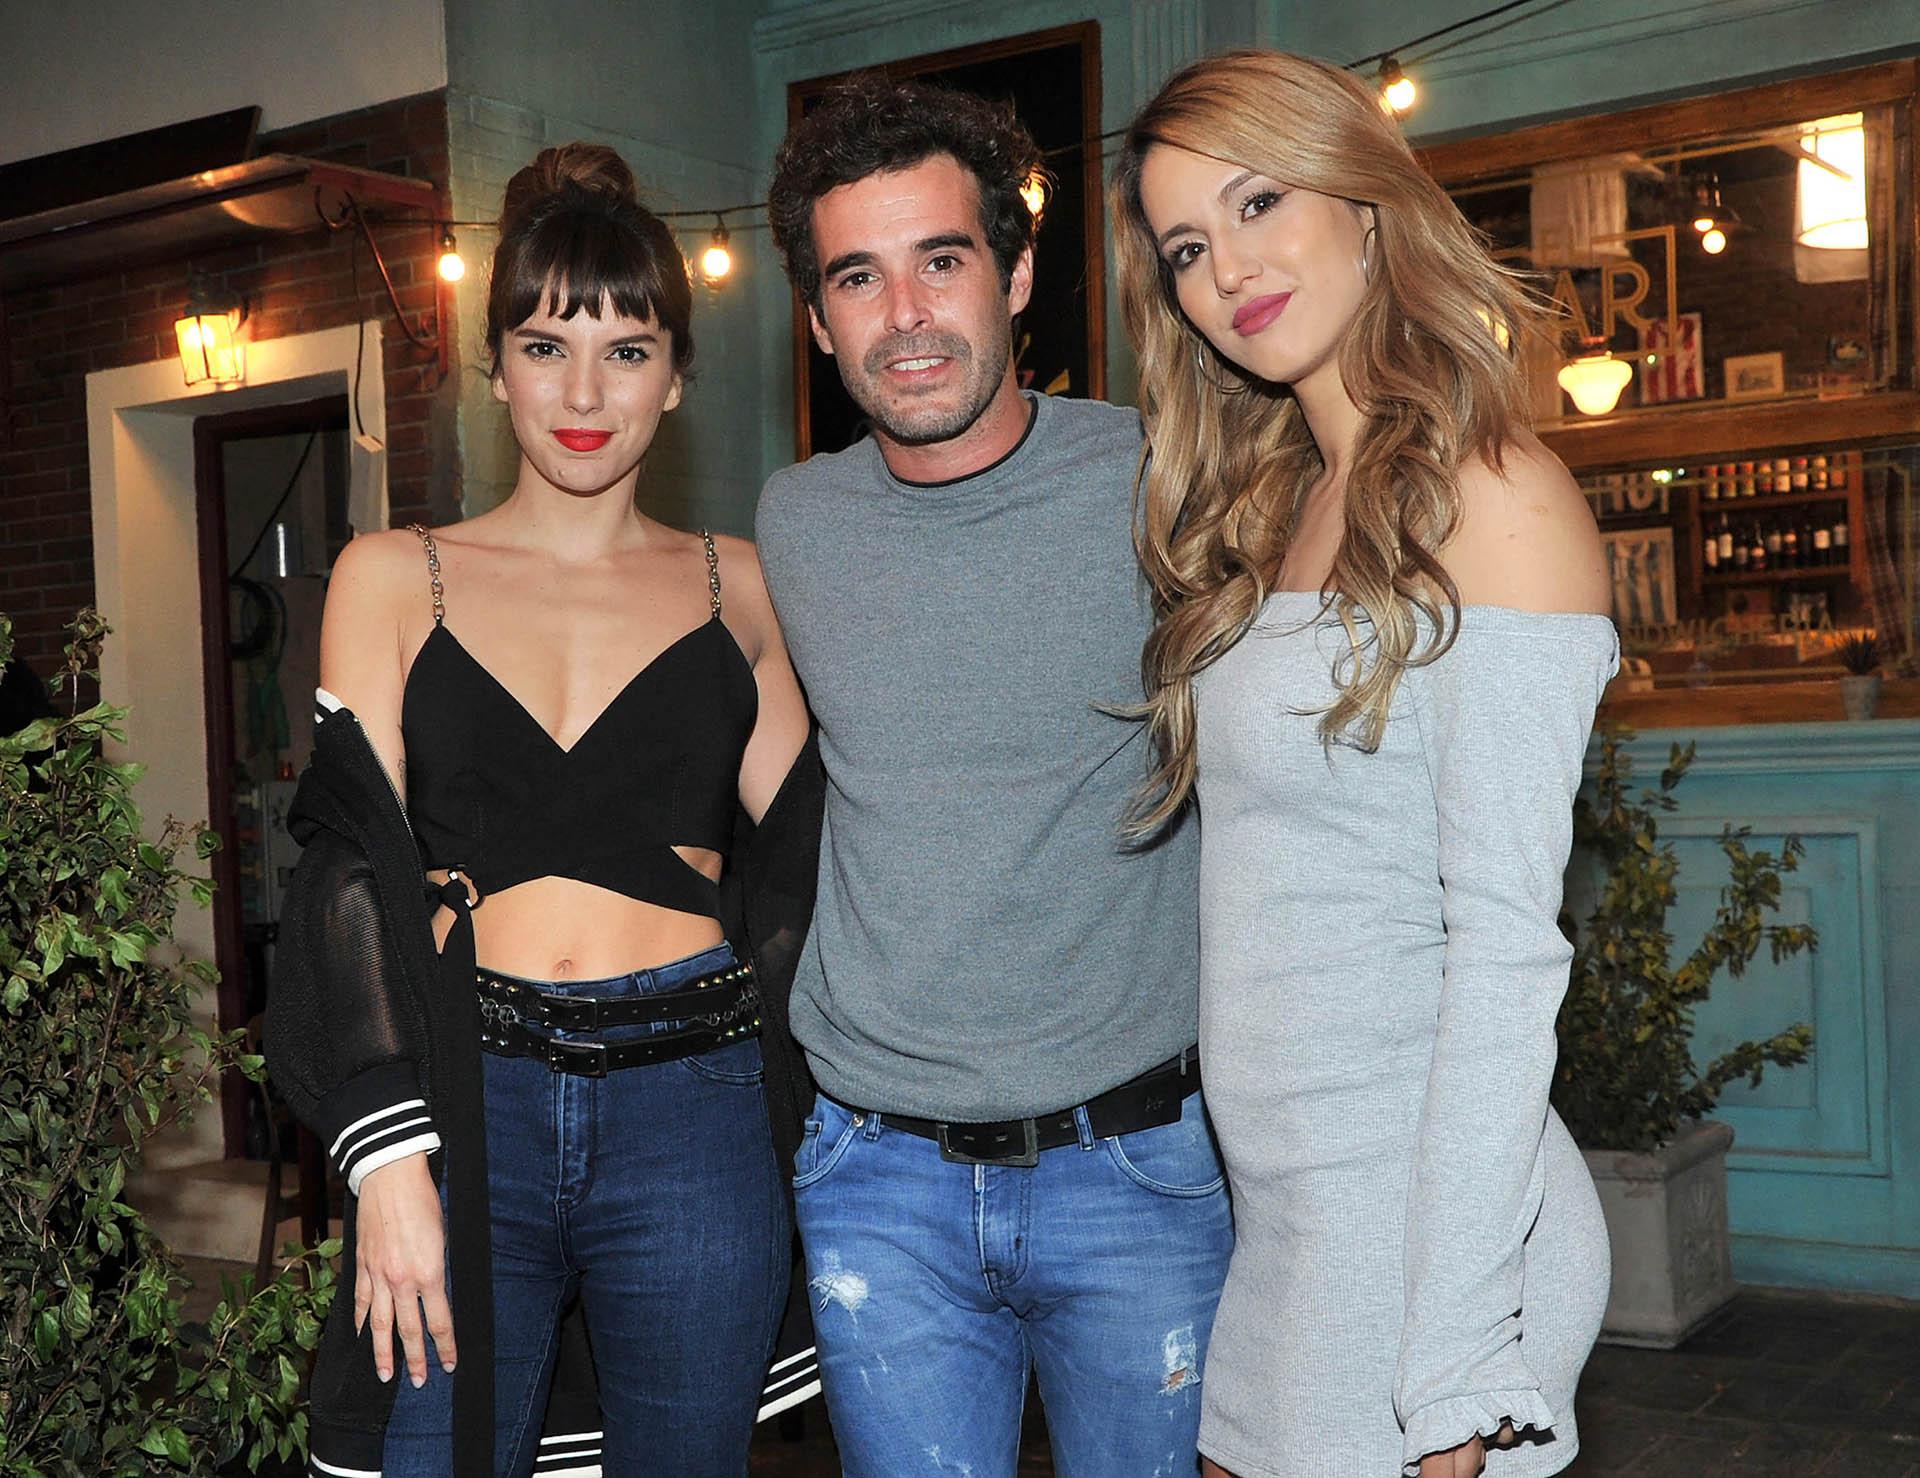 Gime Accardi, Nico Cabré y Flor Vigna, los protagonistas de la nueva ficción de Pol-ka (Verónica Guerman / Teleshow)